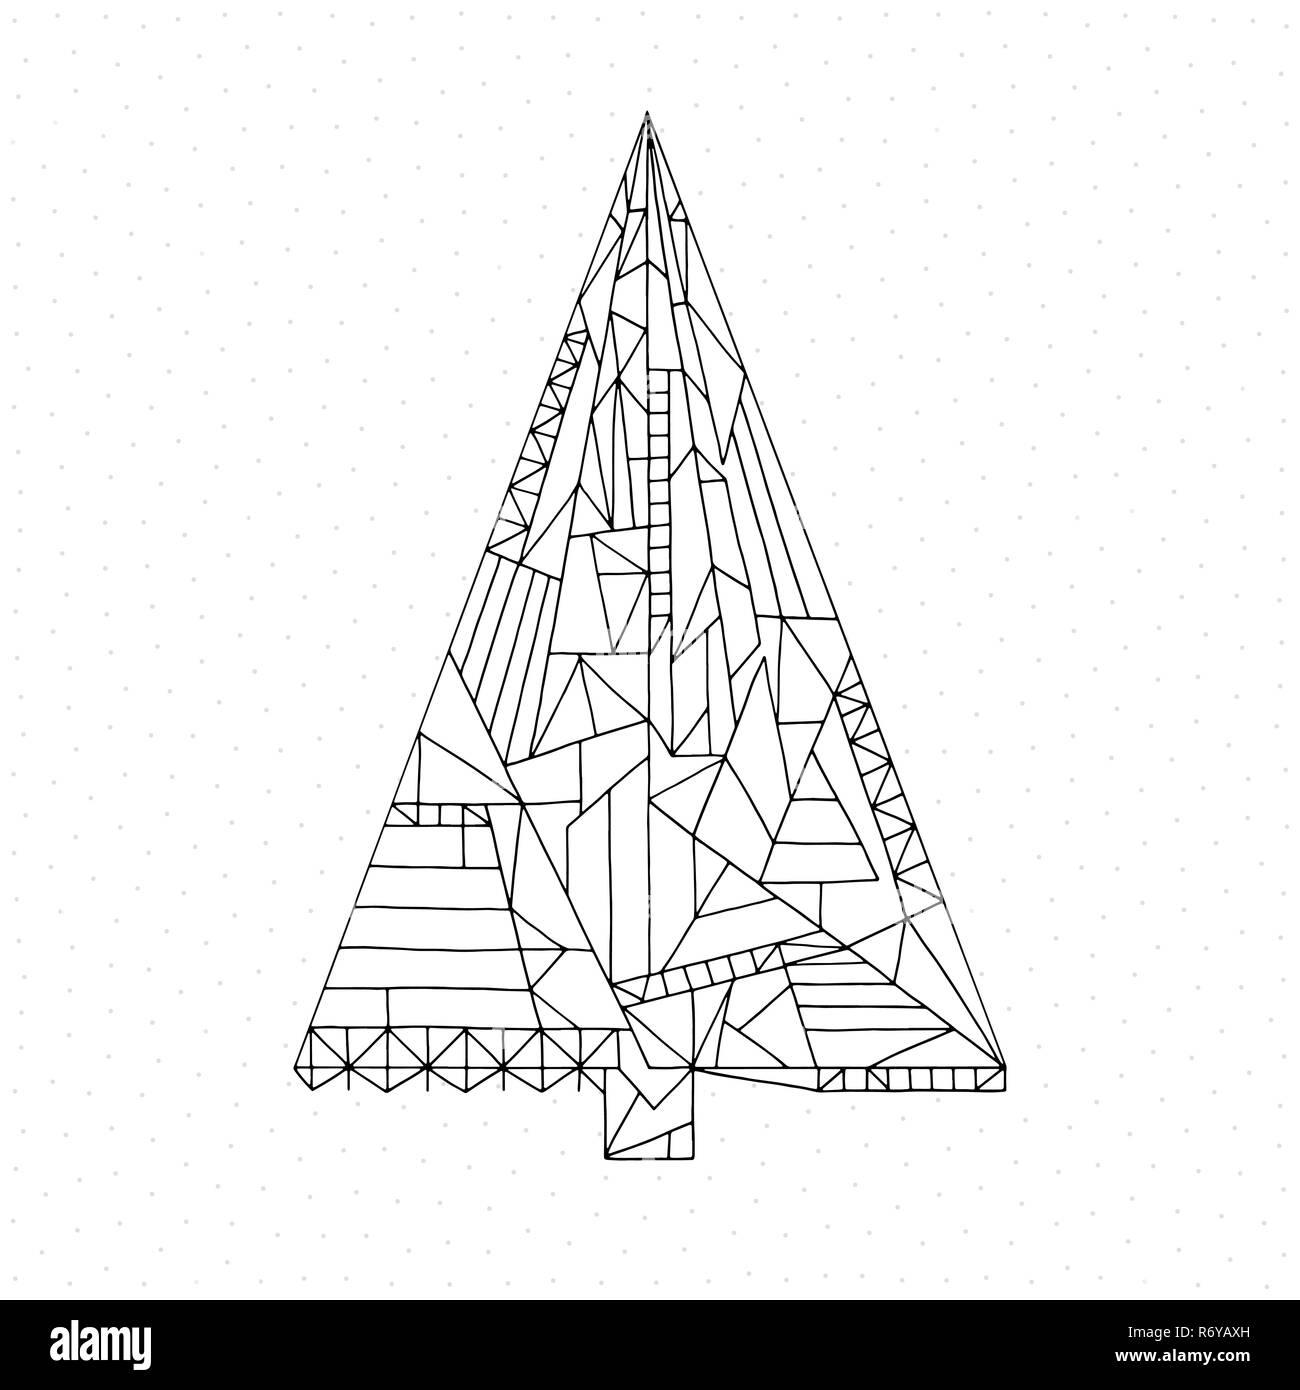 184 disegni natalizi da colorare. Albero Di Natale Libro Da Colorare Disegnata A Mano Abstract Vacanze Invernali Illustrazione Vettoriale Sfondo Di Natale In Stile Moderno Immagine E Vettoriale Alamy